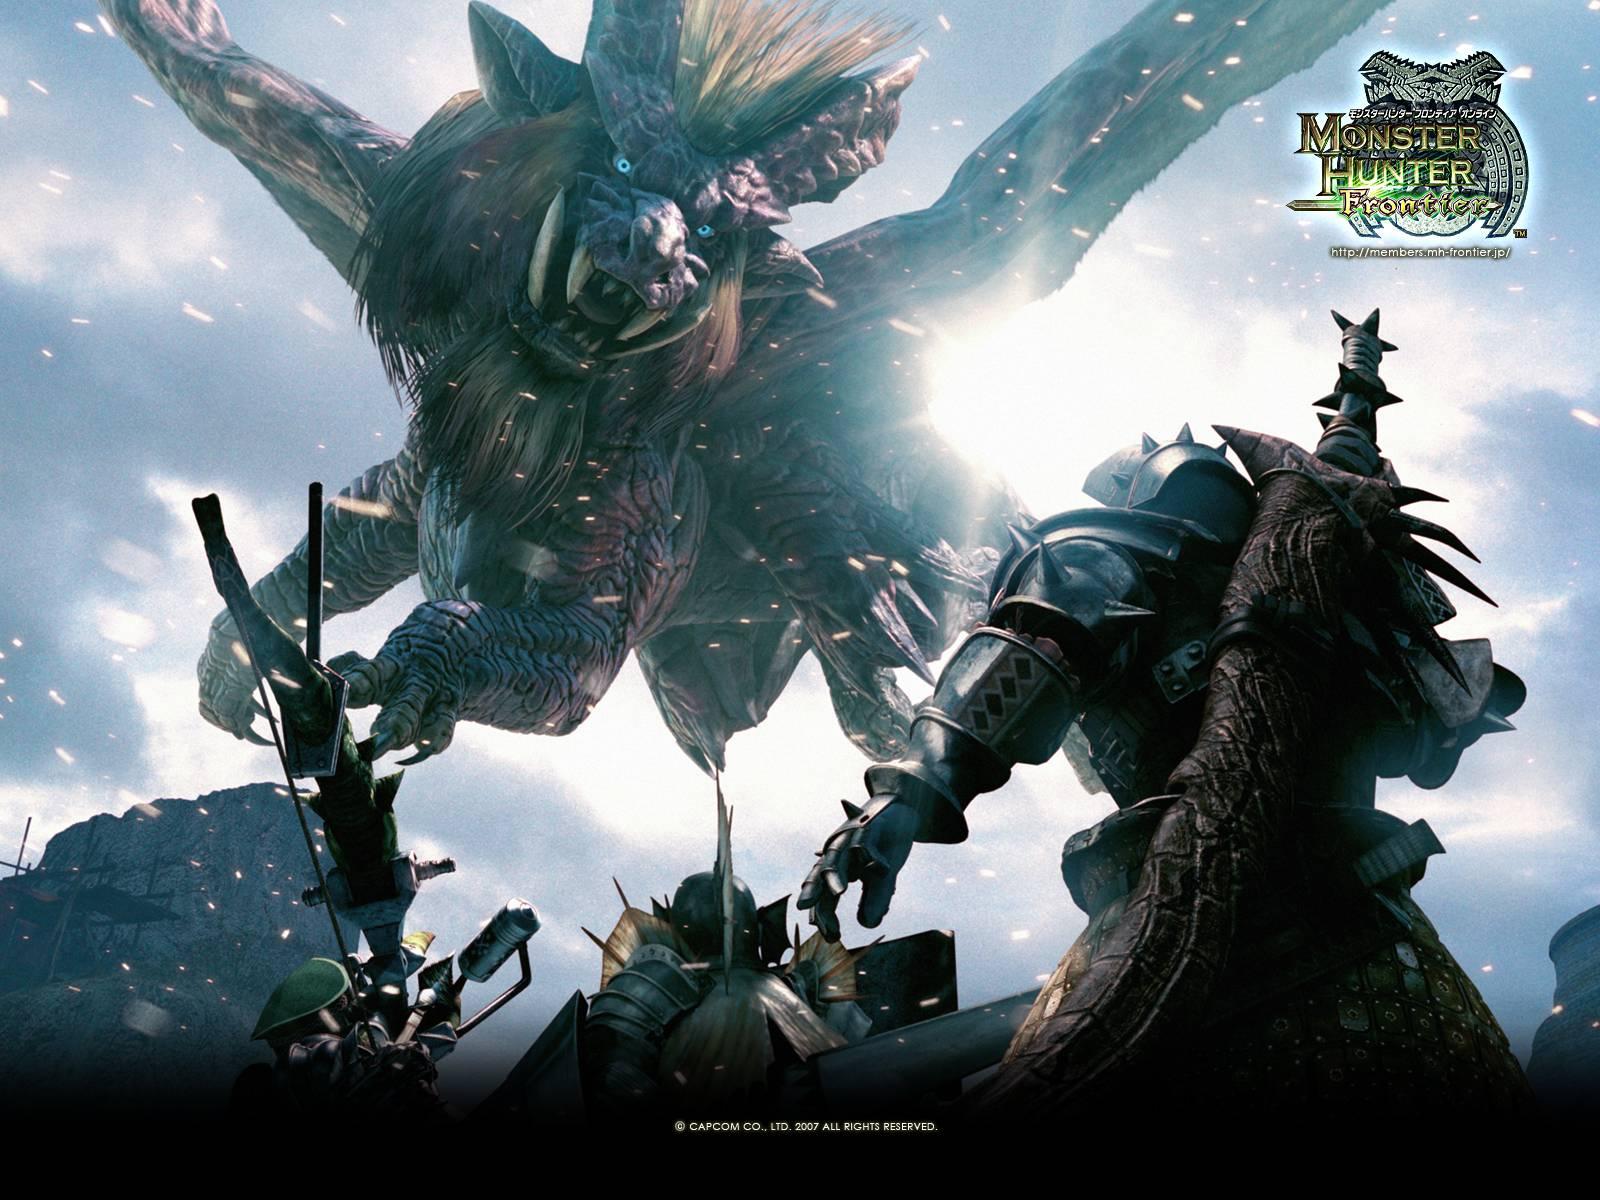 Monster Hunter Wallpapers